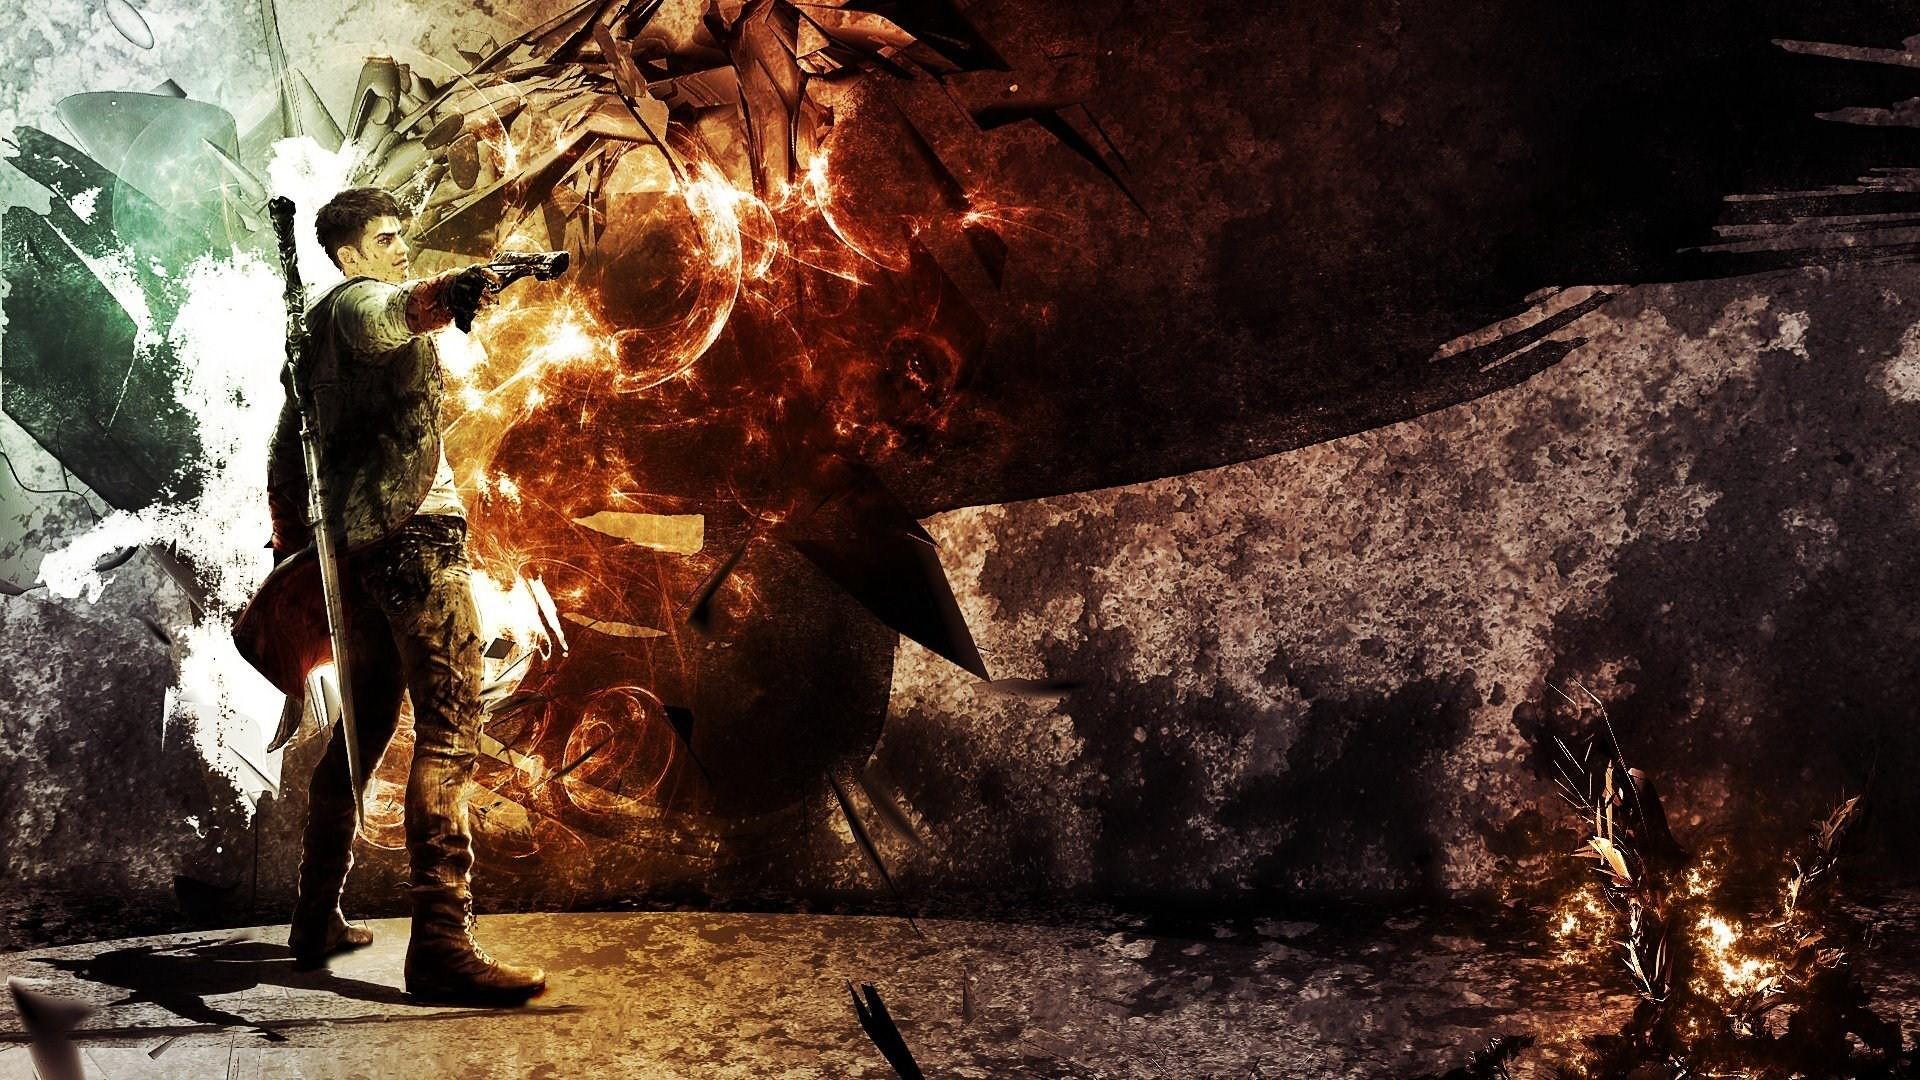 デスクトップ壁紙 ビデオゲーム 剣 洞窟 ピストル Dmc Devil May Cry ダンテ 形成 闇 スクリーンショット 19x1080 Microcosmos 498 デスクトップ壁紙 Wallhere